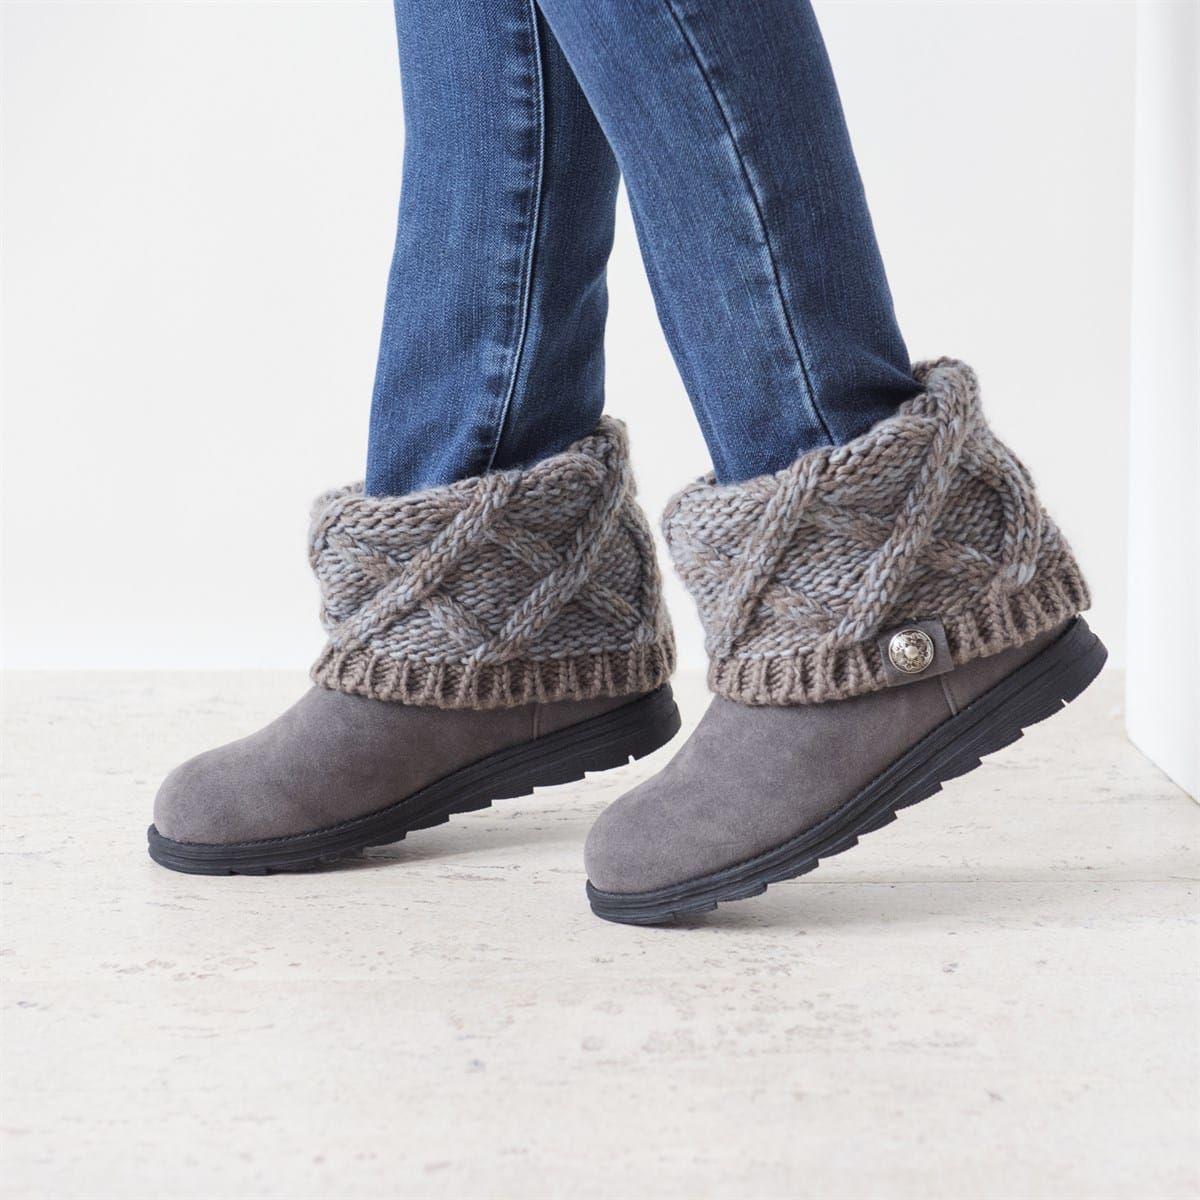 b76d876e4fb5f MUK LUKS Women s Patti Short Boots